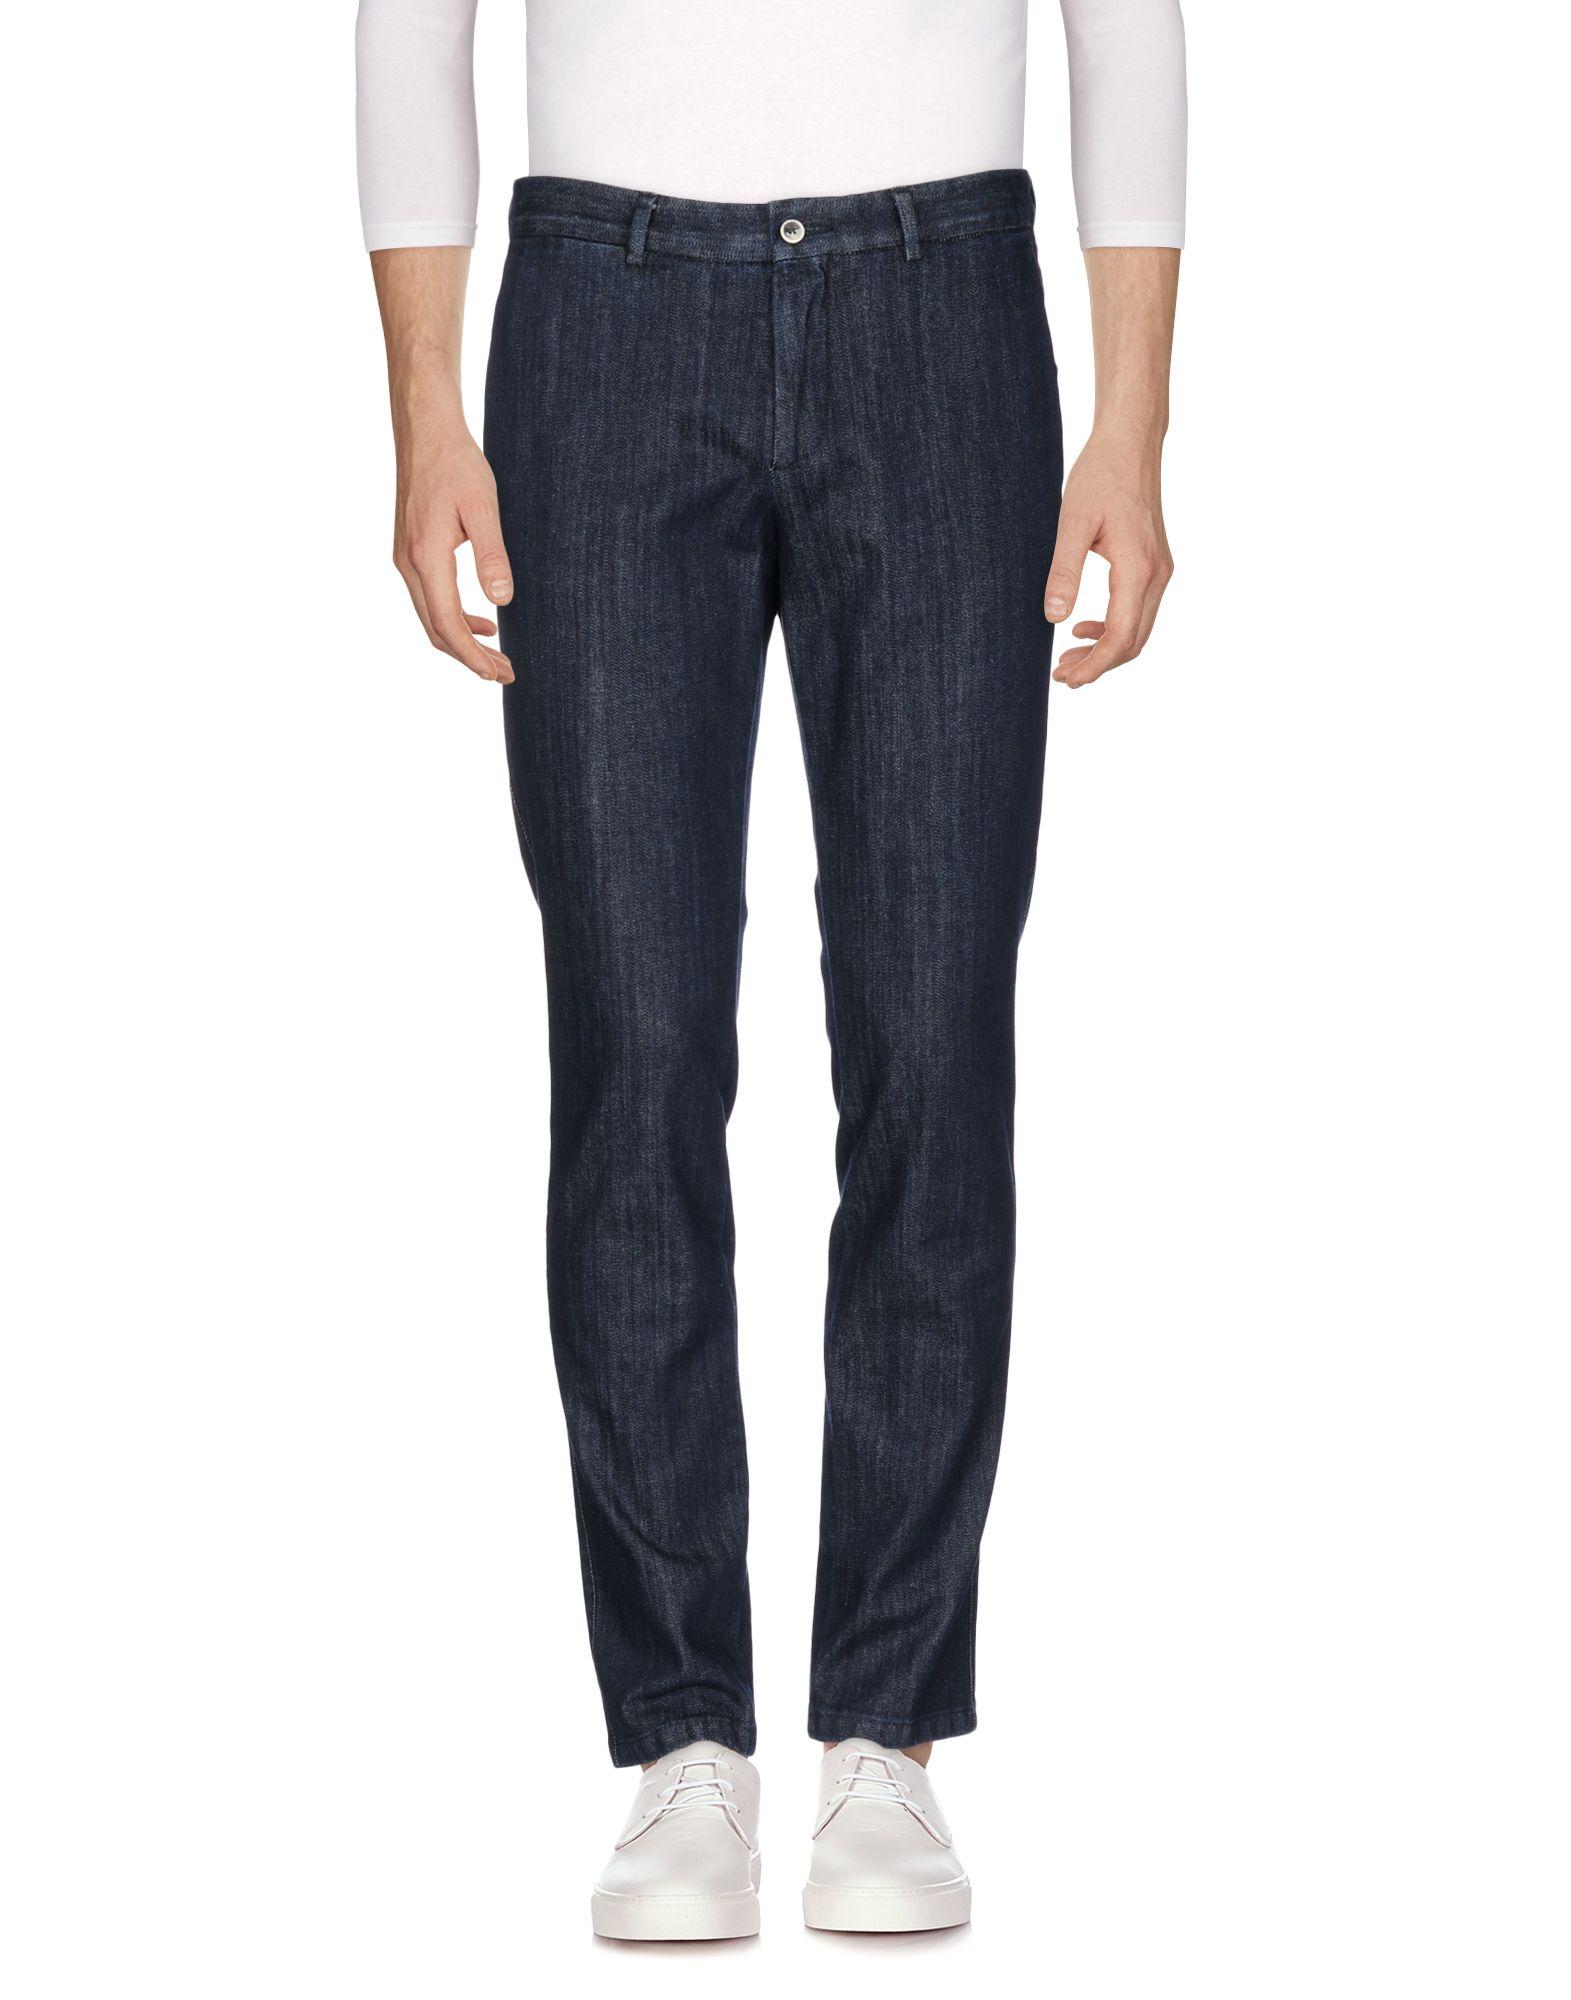 STELL BAYREM Джинсовые брюки